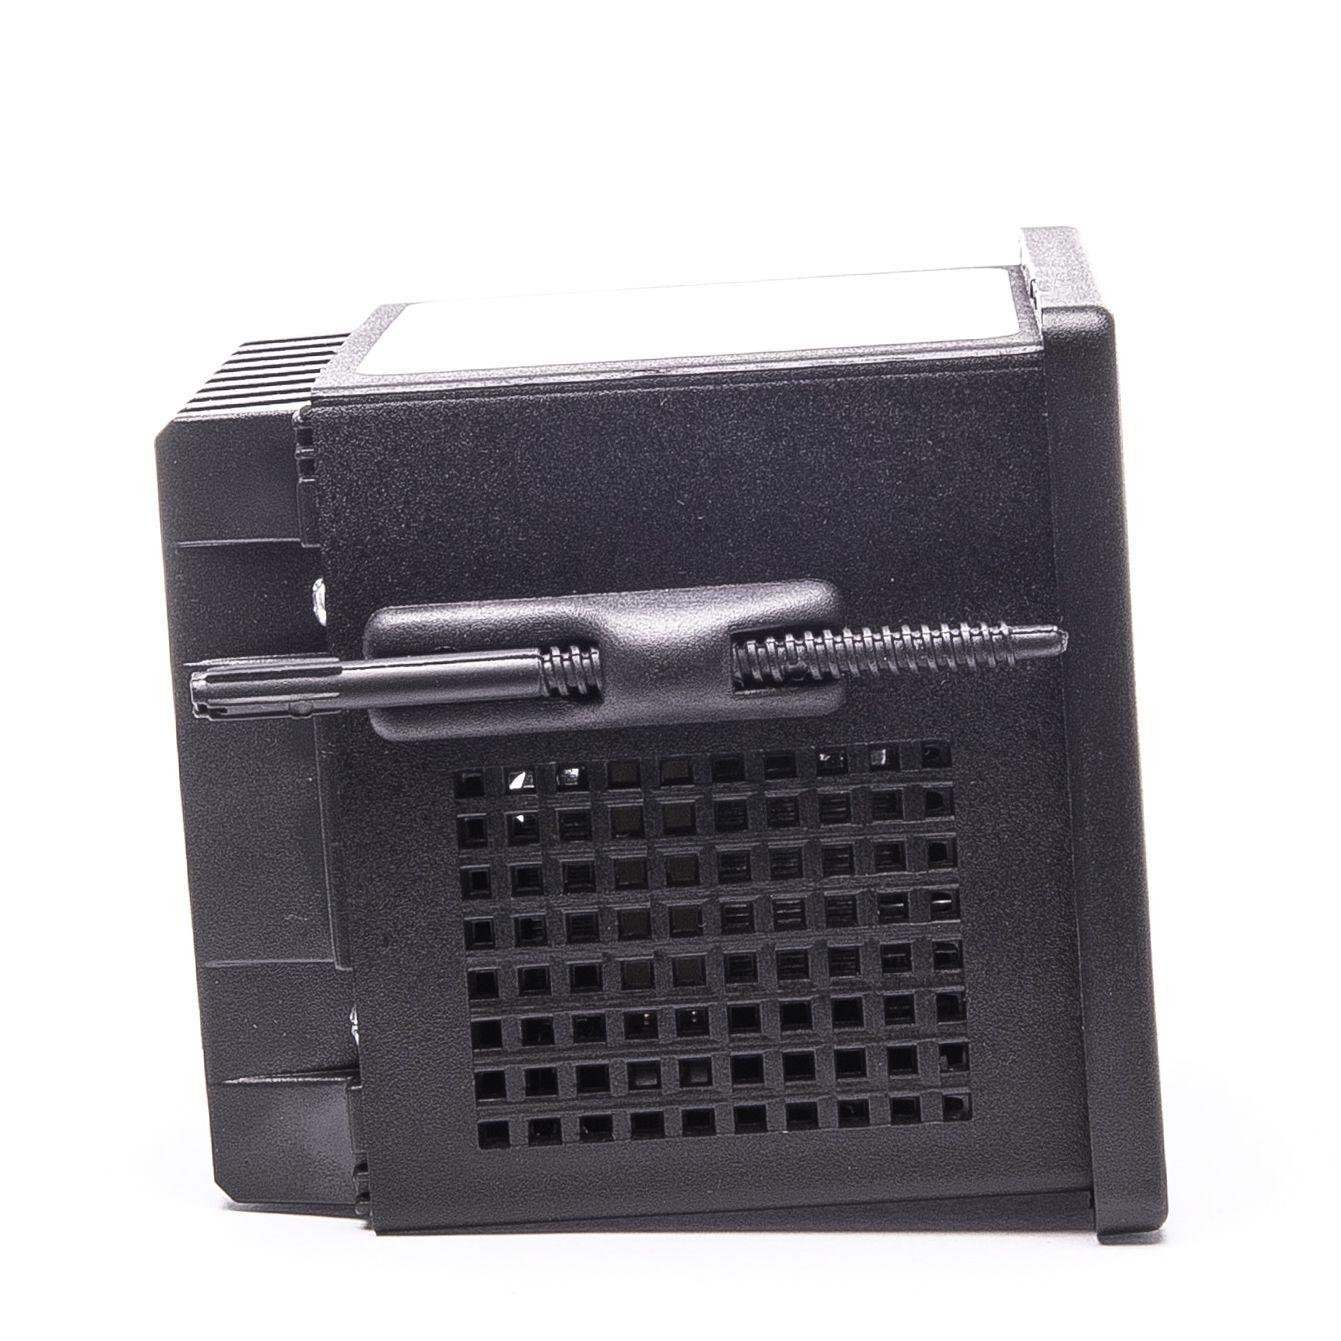 BLIT-P Indicador de vazão e totalizador de volume para painel com entrada digital